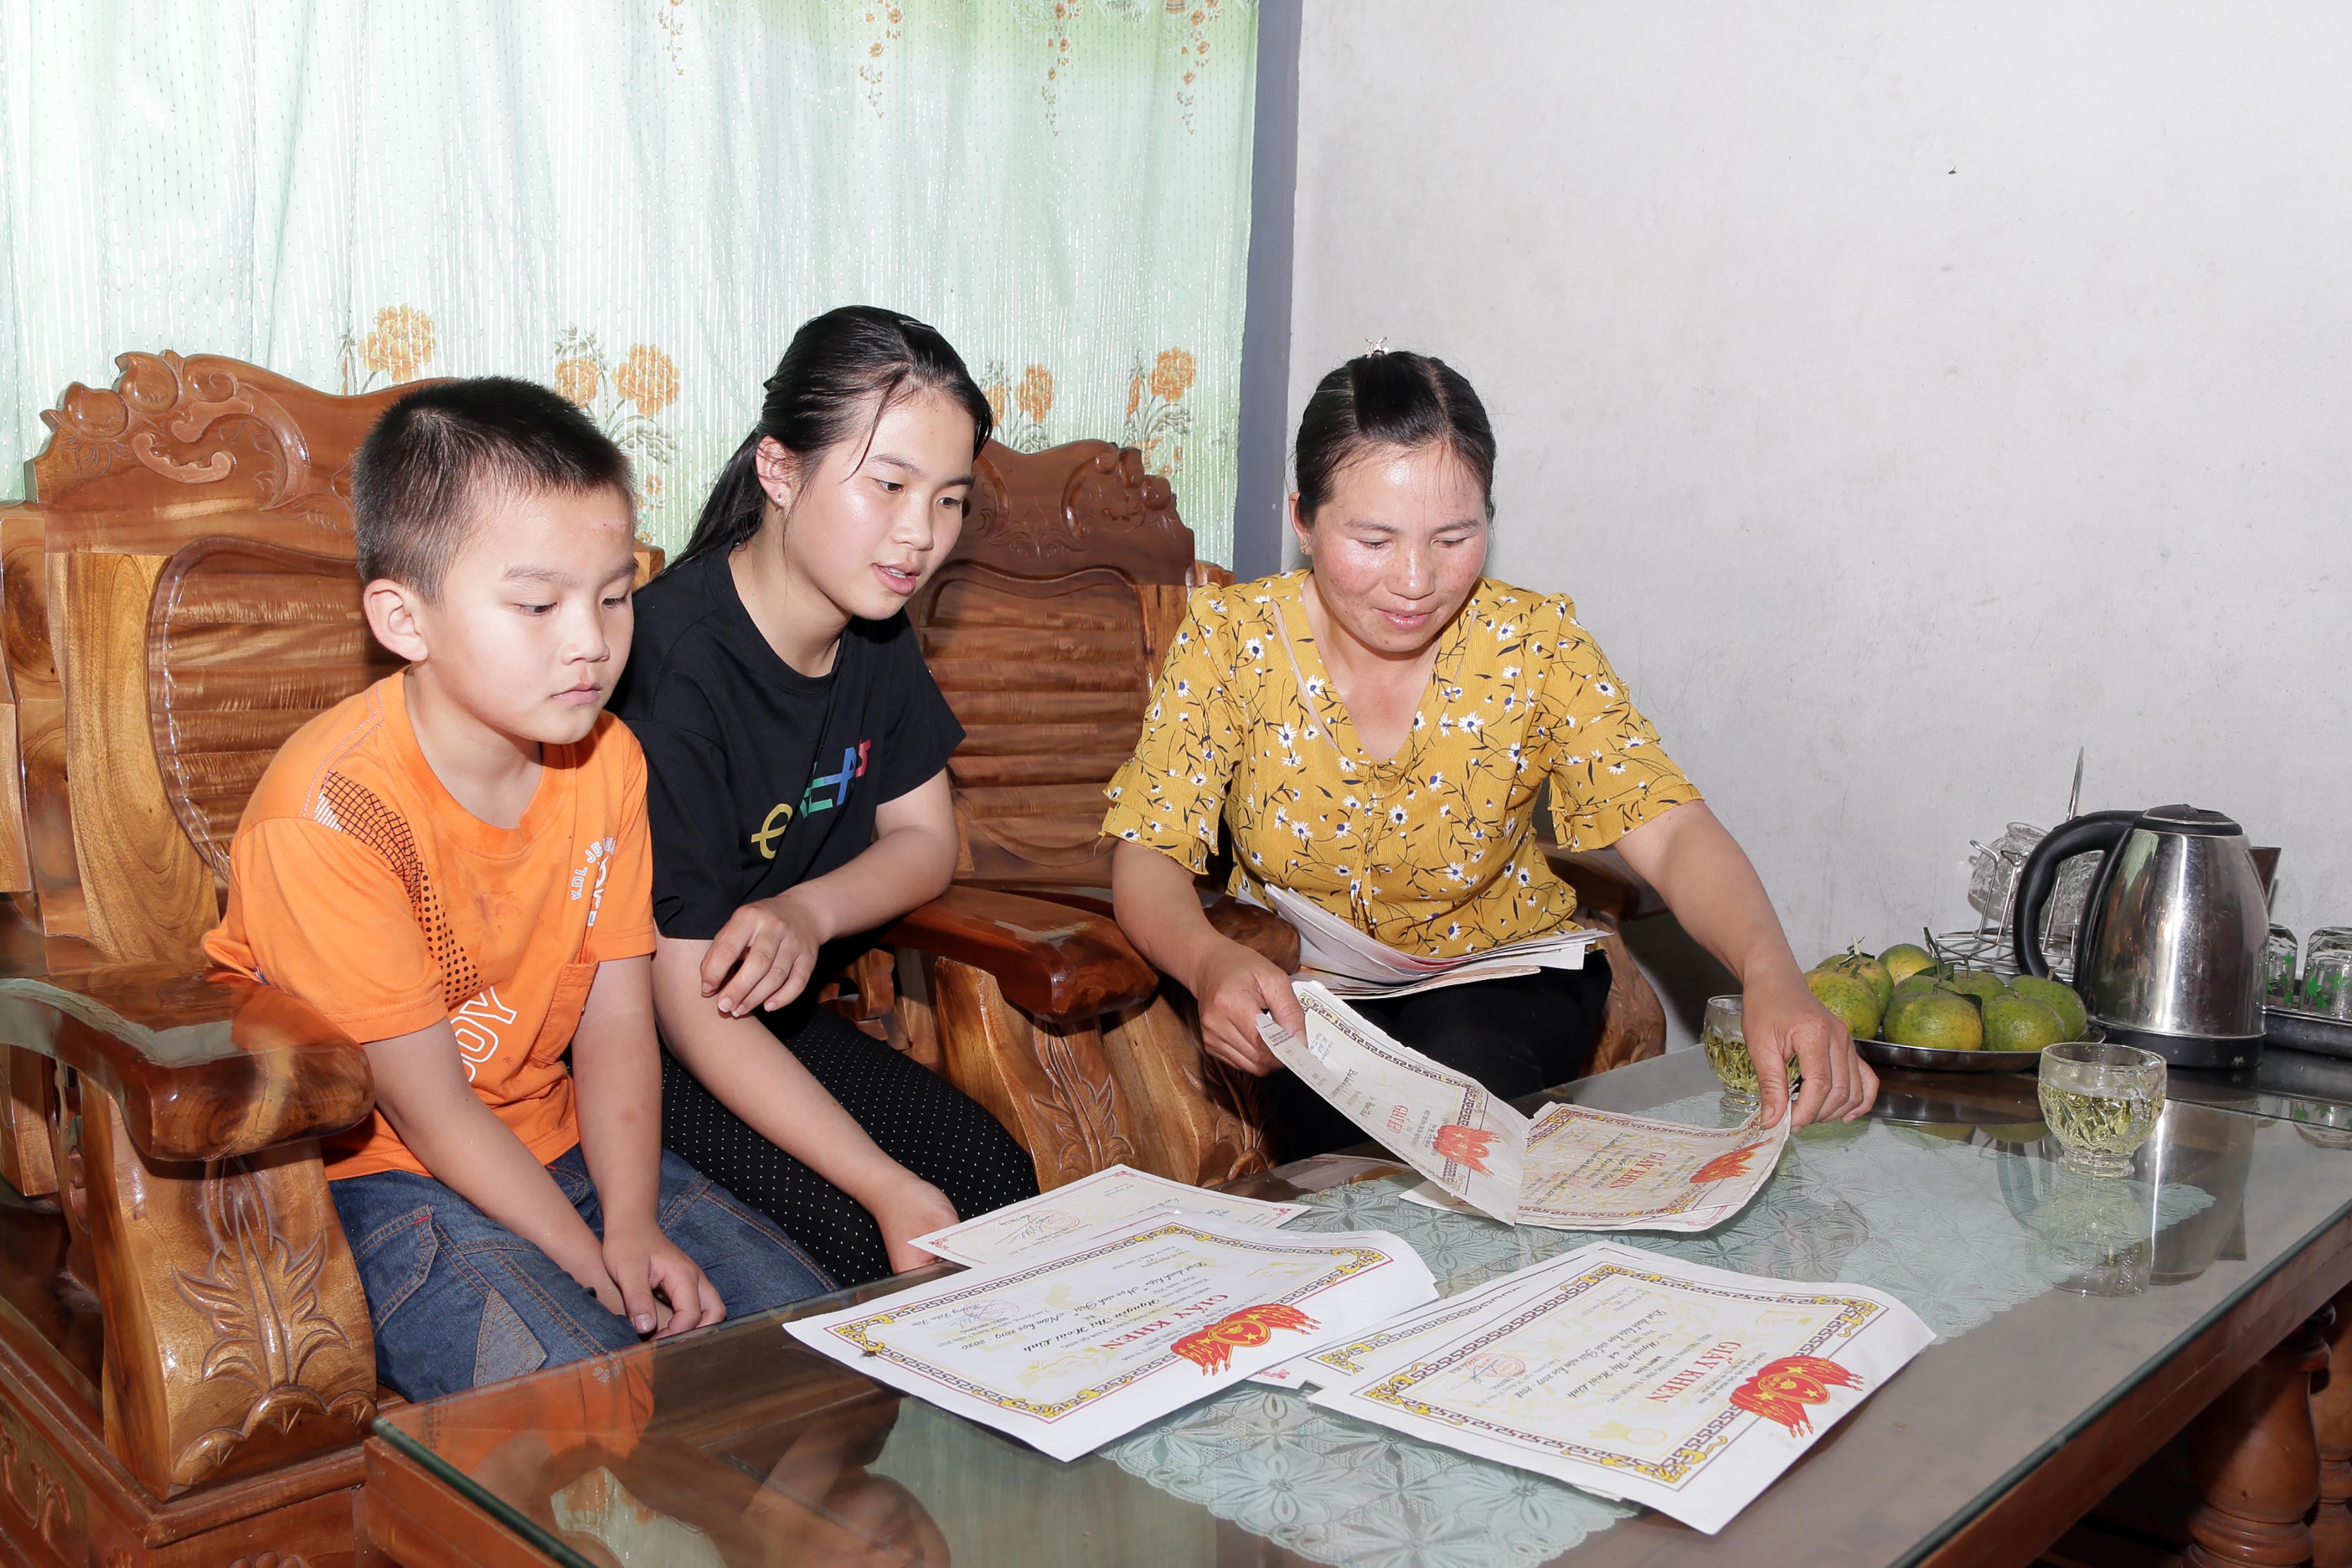 Nhờ chăm chỉ trong học tập nên từ lớp 1 đến lớp 9, Nguyễn Thị Hoài Linh luôn đạt danh hiệu học sinh giỏi, học sinh xuất sắc. Các giấy khen, giấy chứng nhận được mẹ của Linh cất giữ cẩn thận.